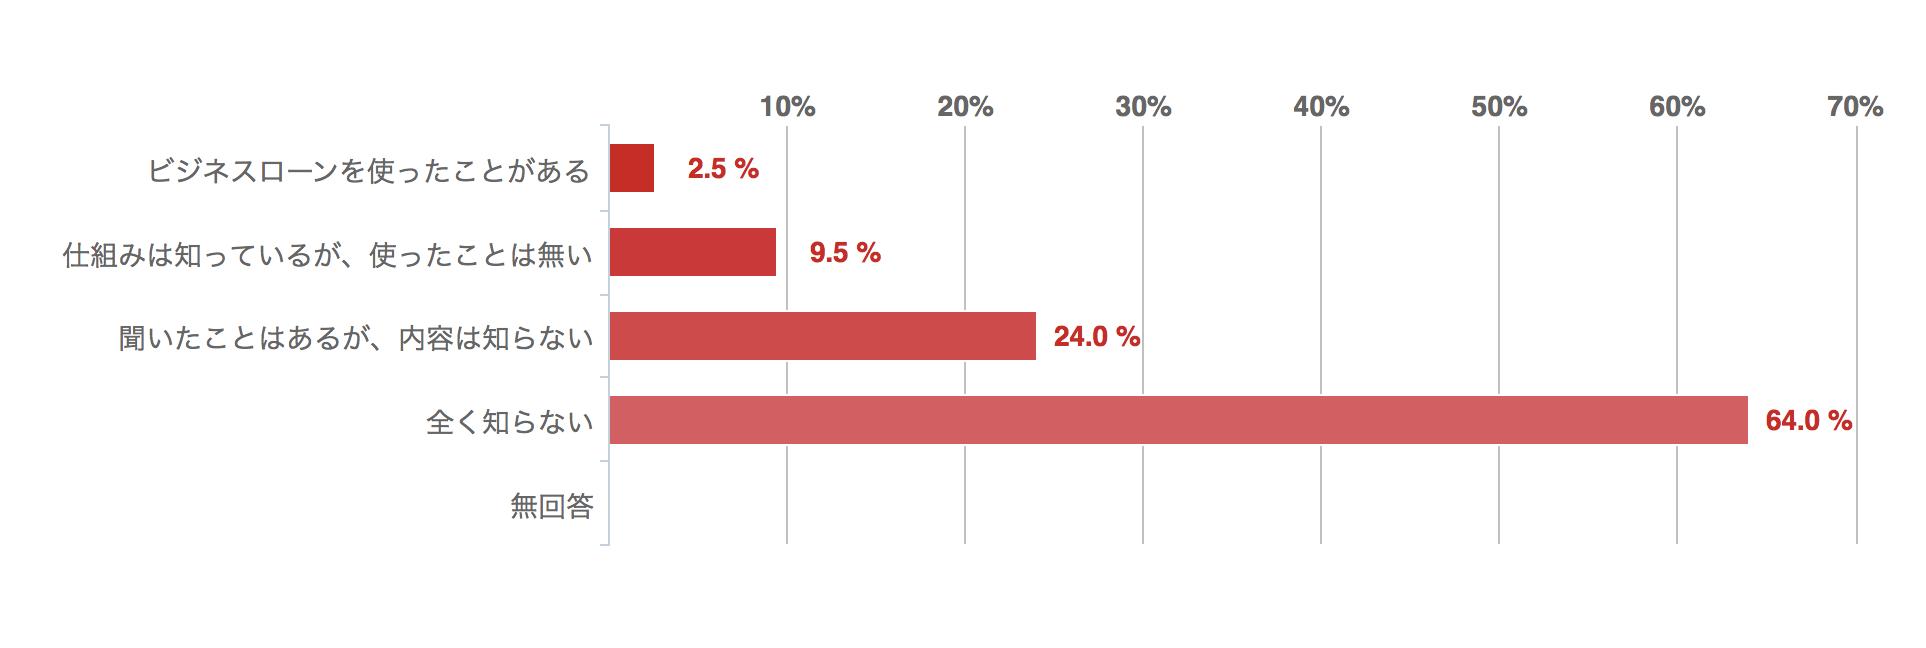 あなたは「ビジネスローン」を知っていますか?回答グラフ